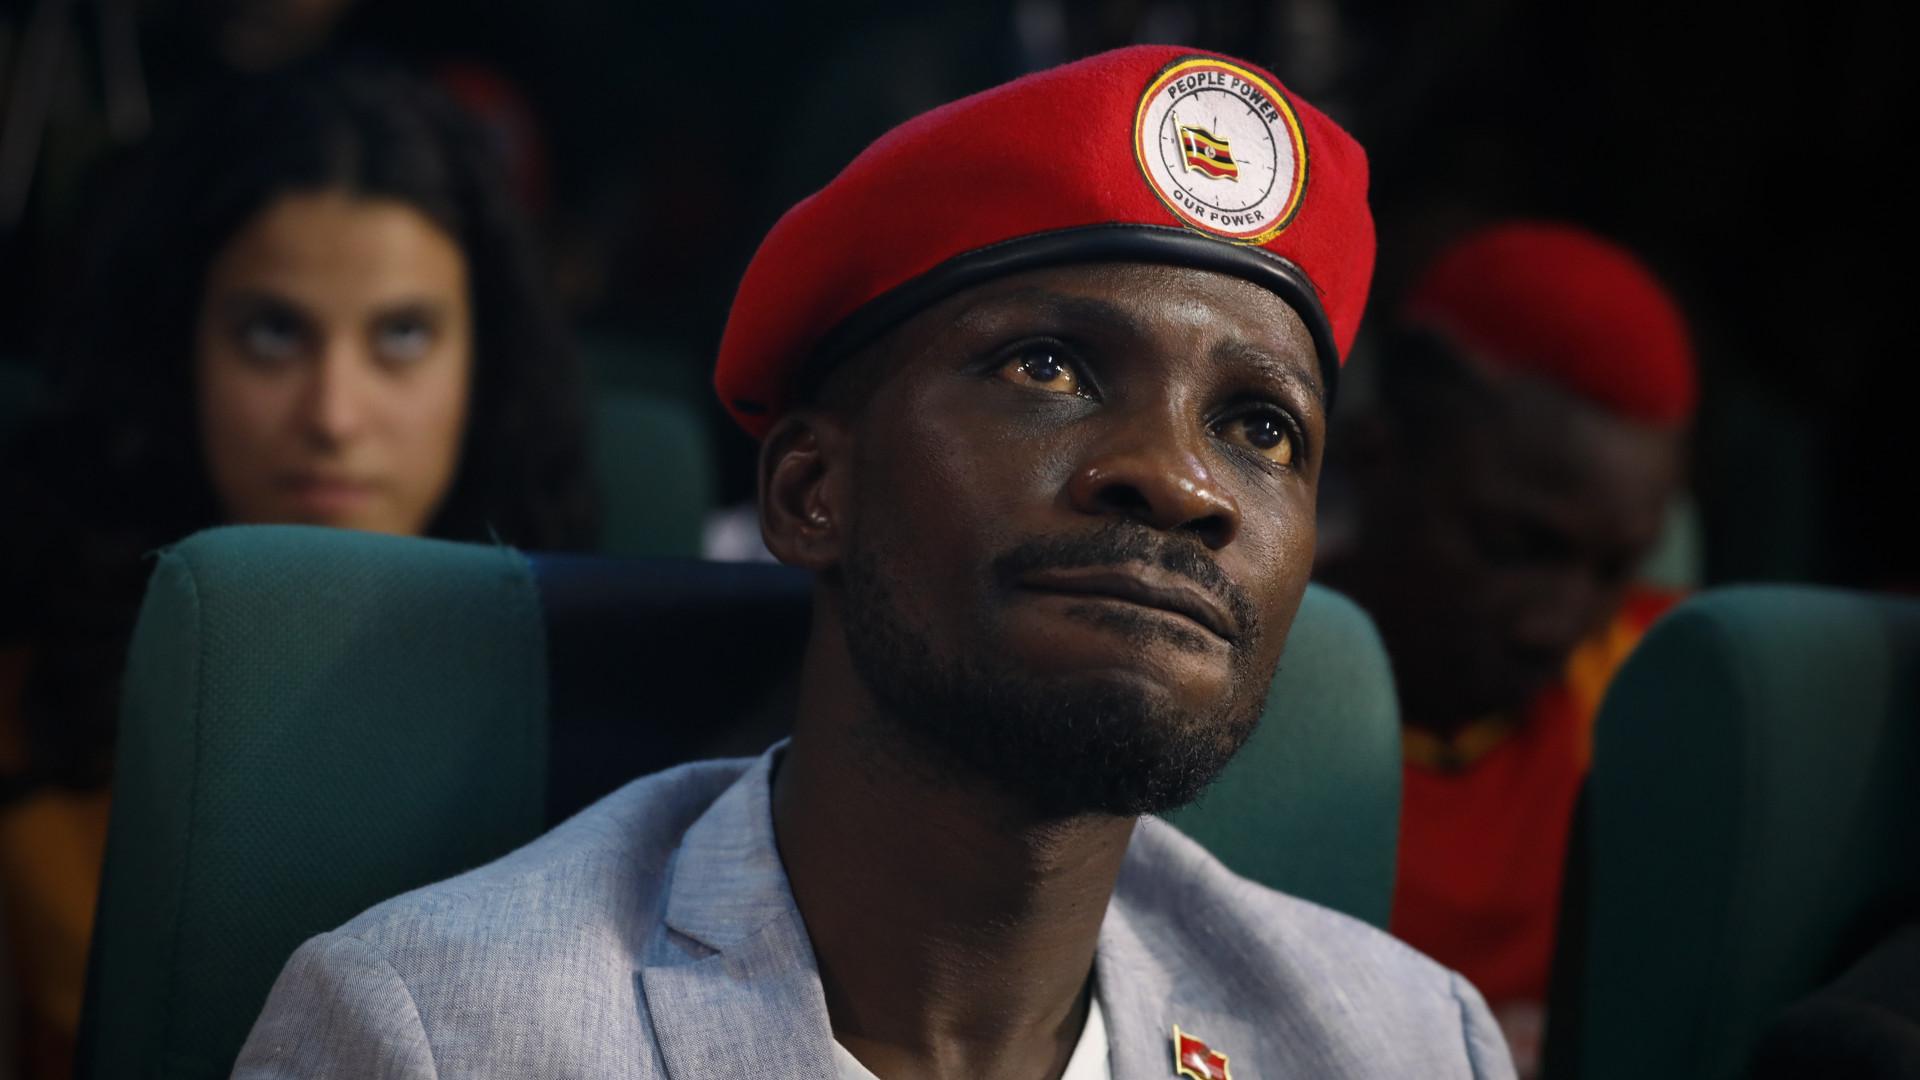 Co-arguida em apedrejamento de Presidente ugandês desmaia em tribunal